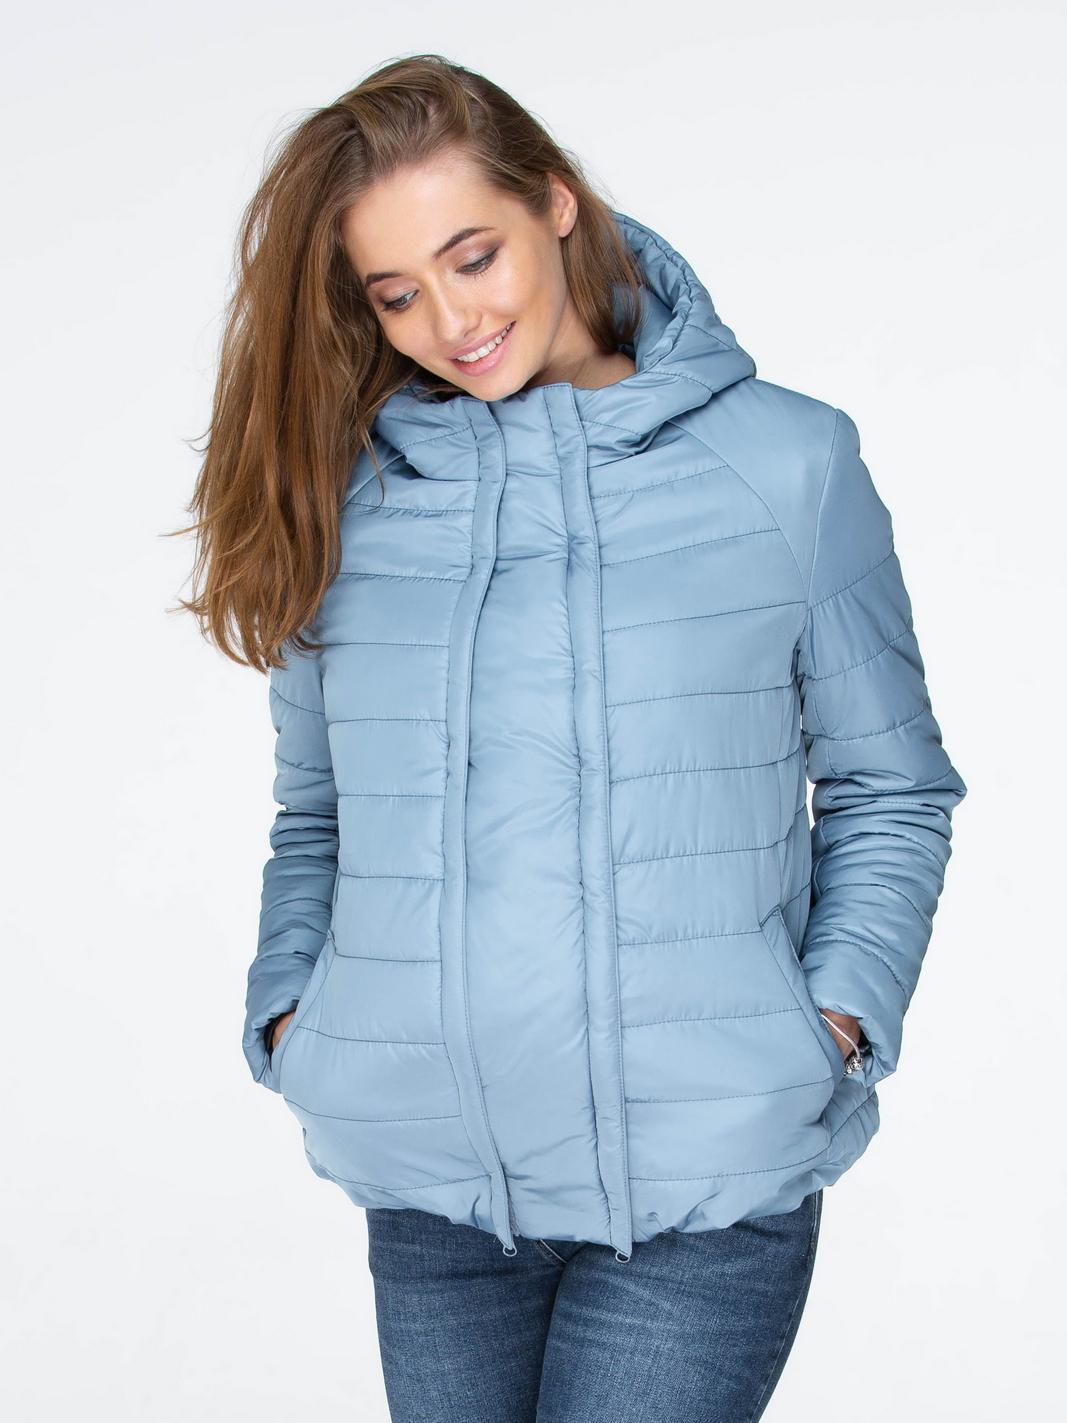 bc4d8c0b8c81 Куртка демисезонная 2в1 Yula mama Marais серо-голубая для беременных